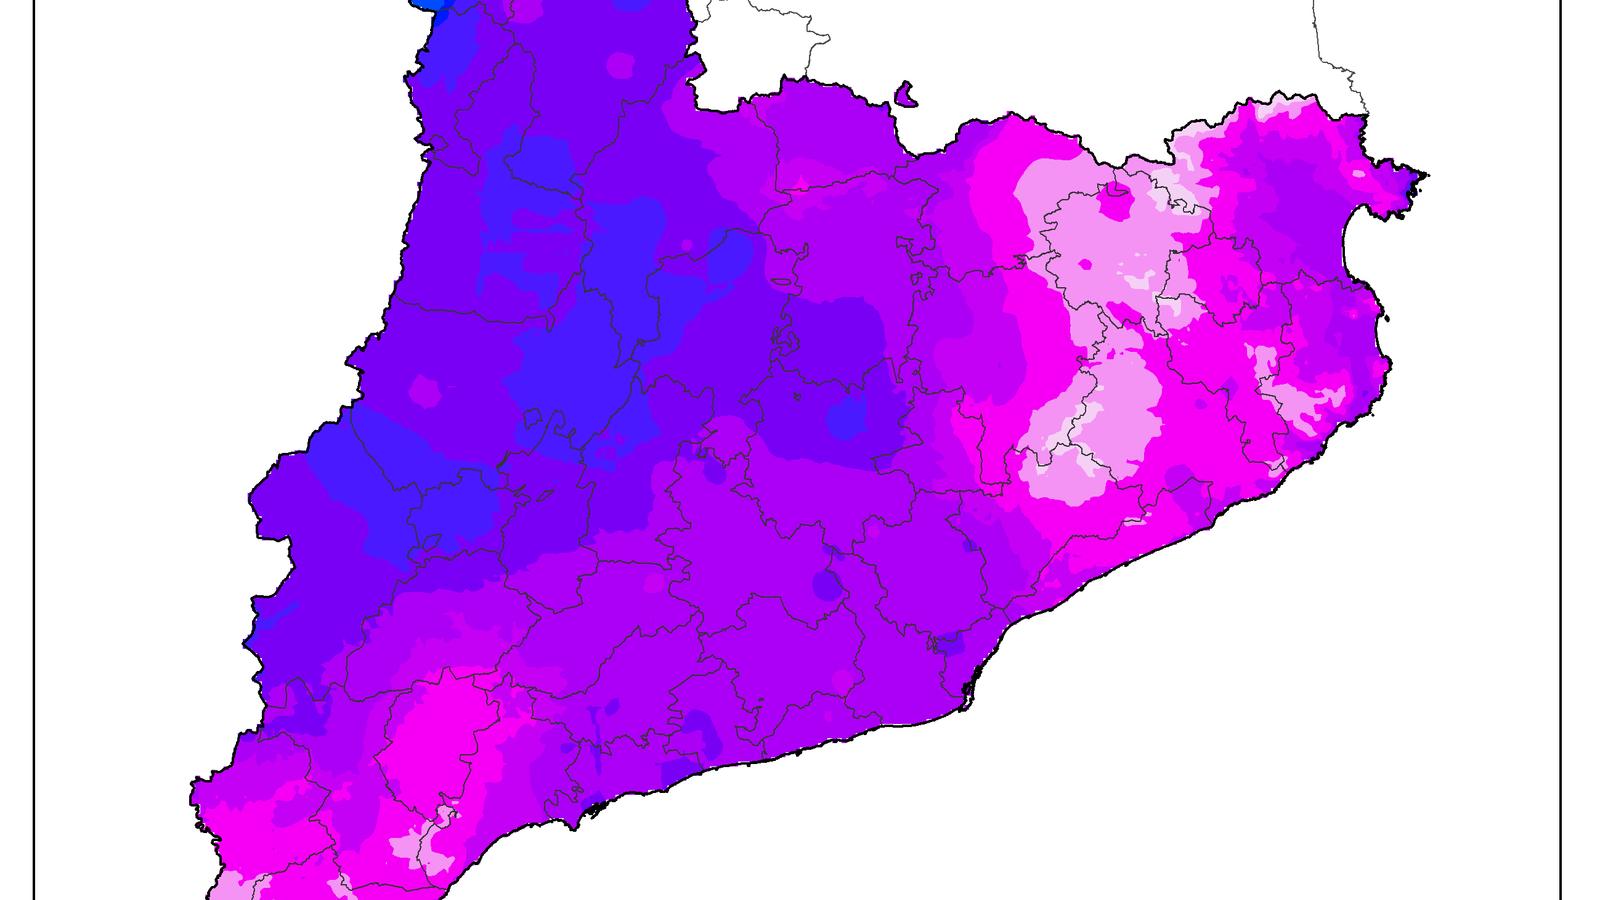 Totals de precipitació a partir de dades del Servei Meteorològic de Catalunya